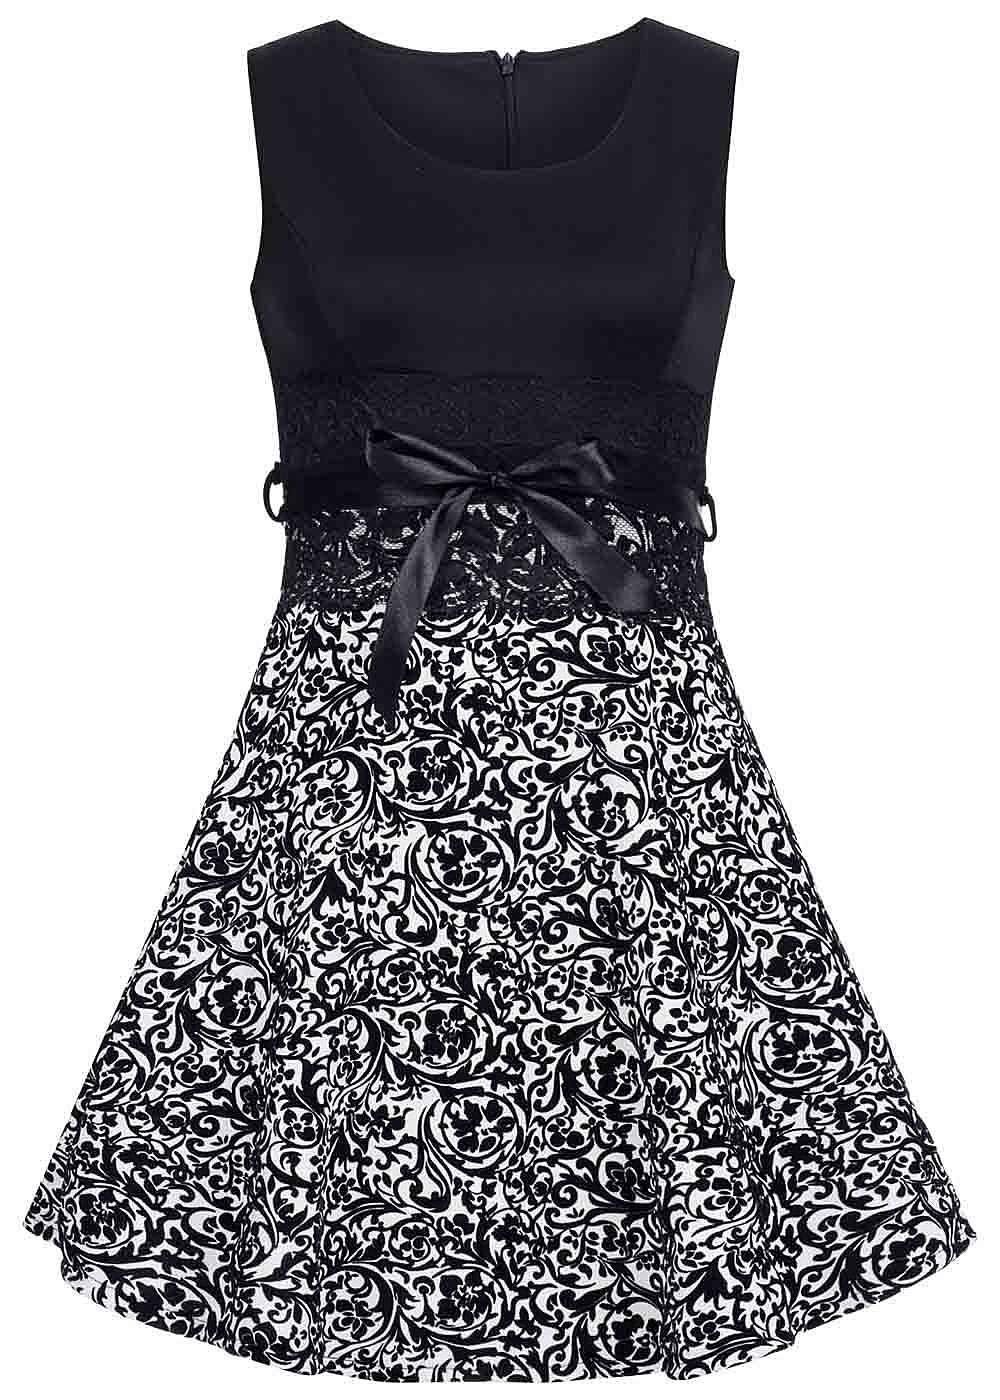 20 Elegant Kleider Weiß Schwarz Vertrieb20 Genial Kleider Weiß Schwarz Galerie